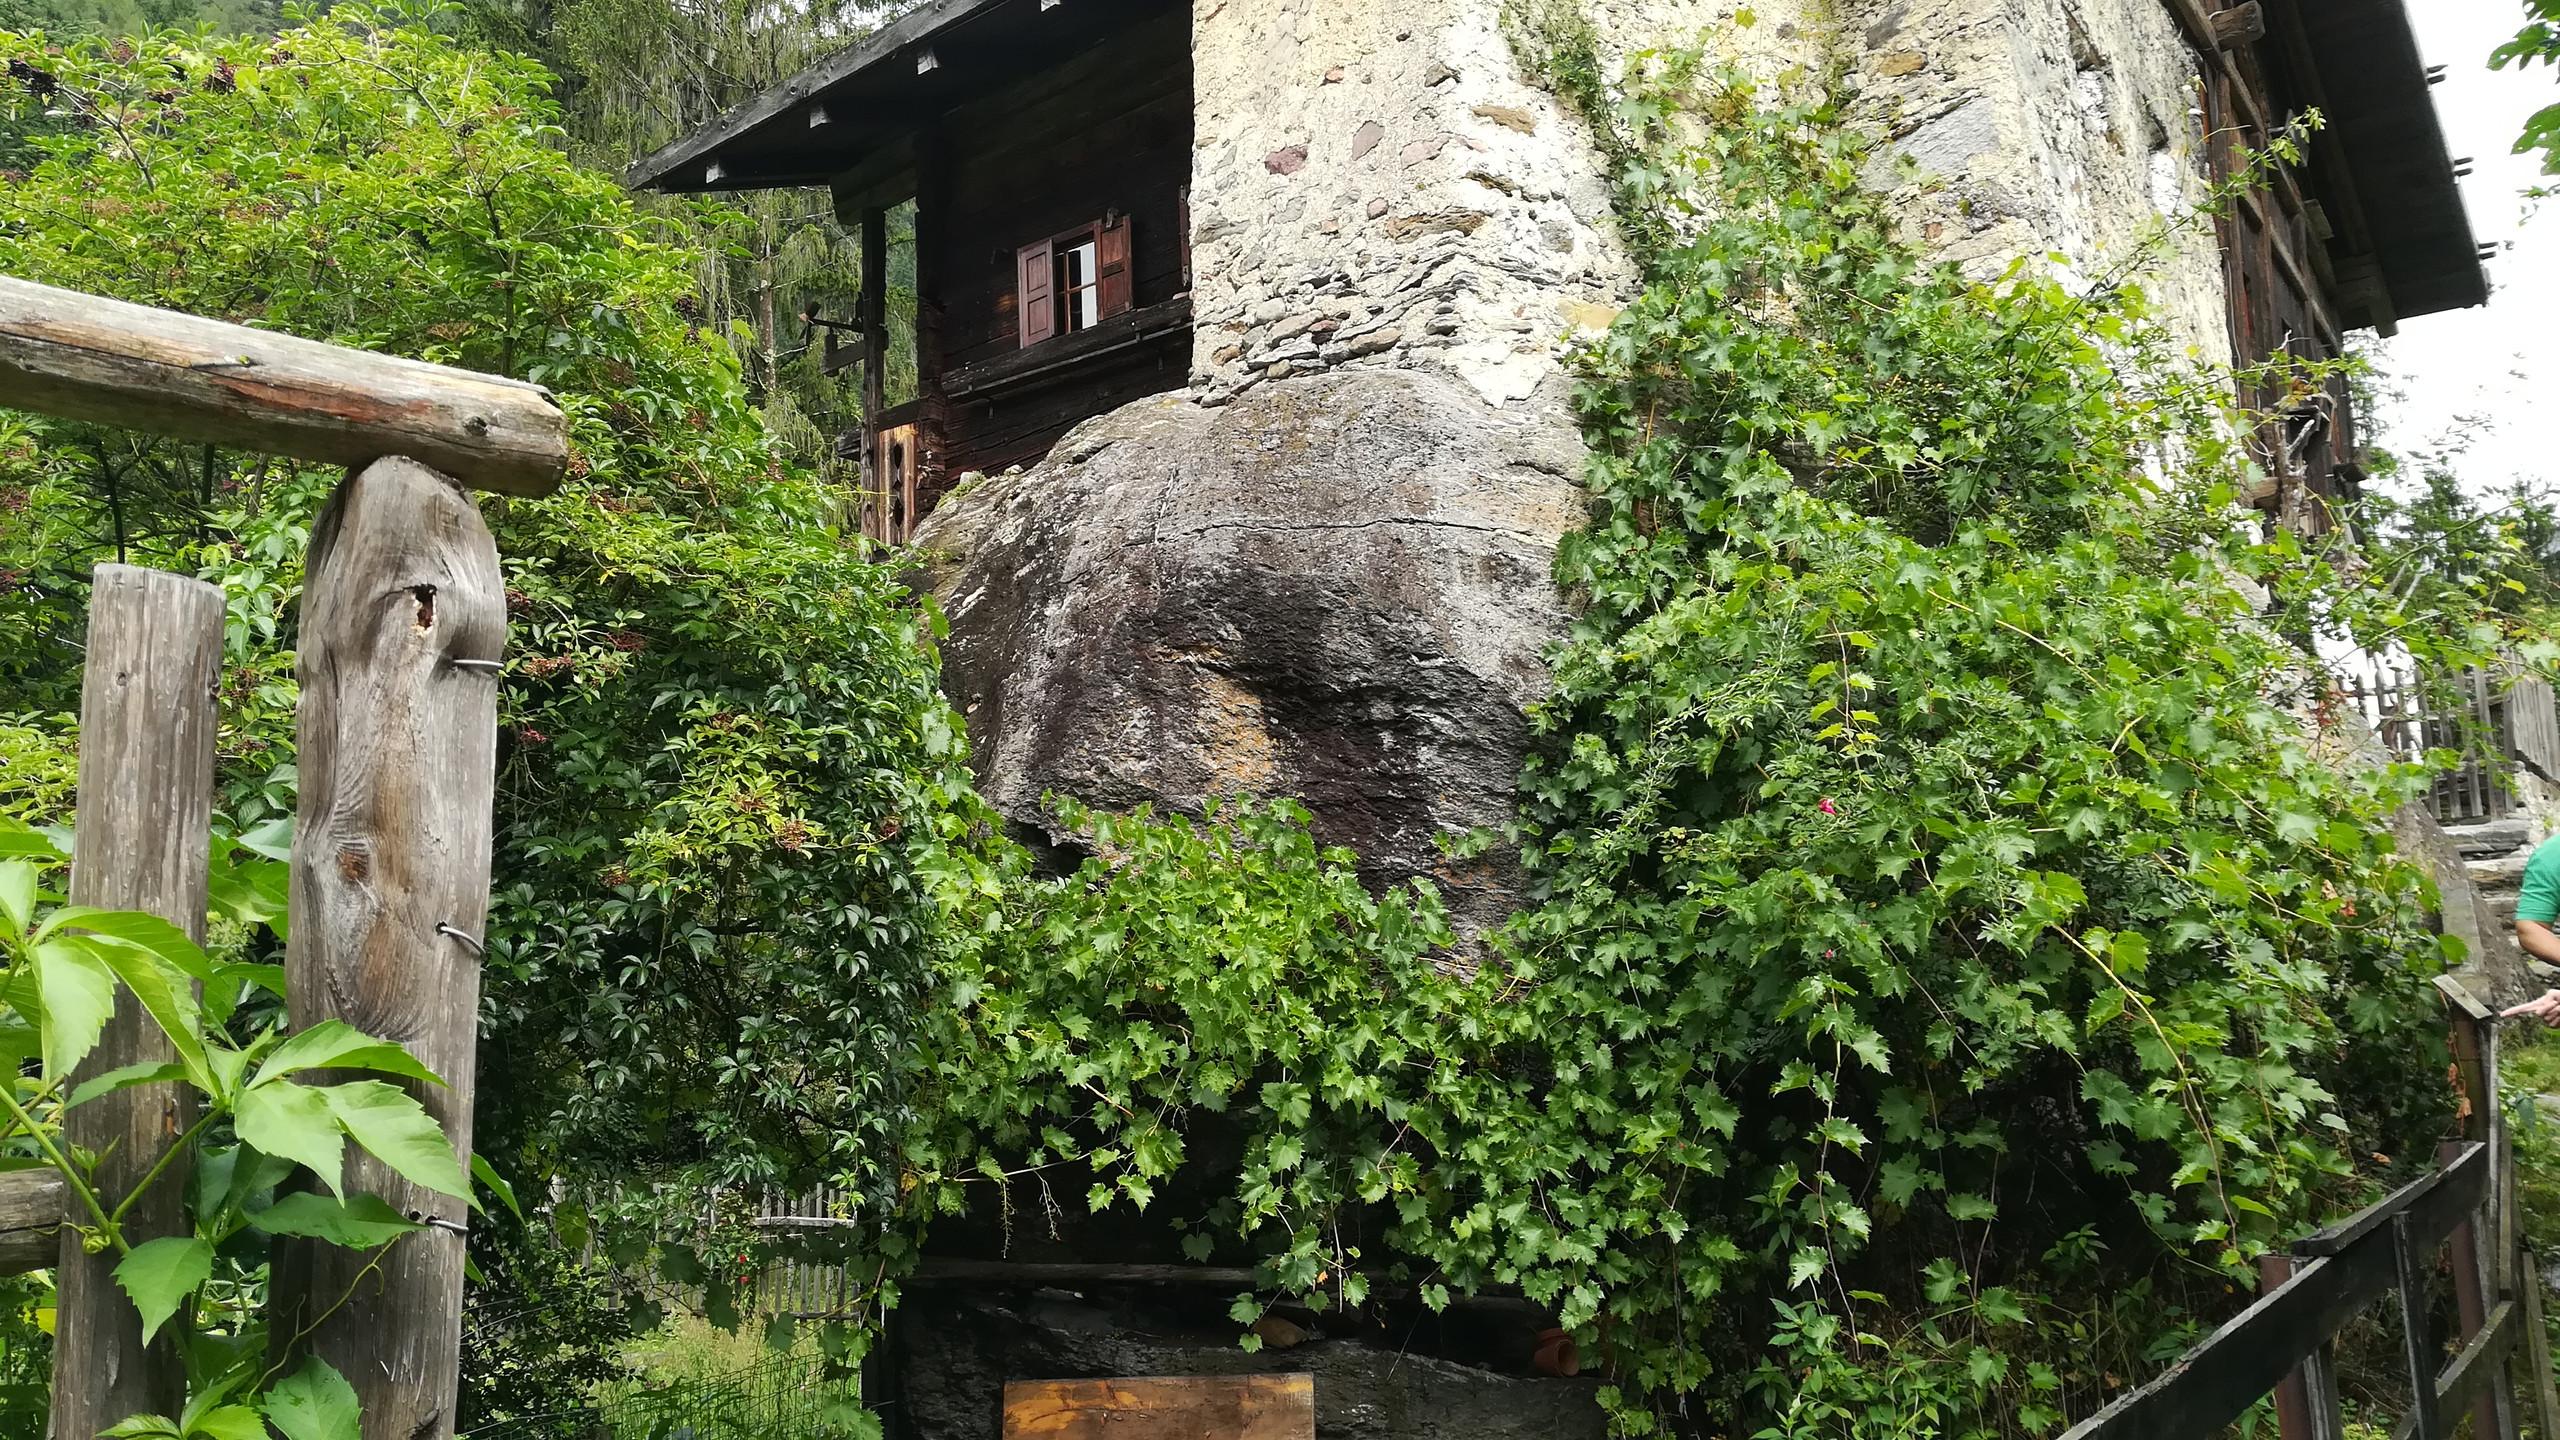 Val d'Ultimo, San Pancrazio - Casa sul masso